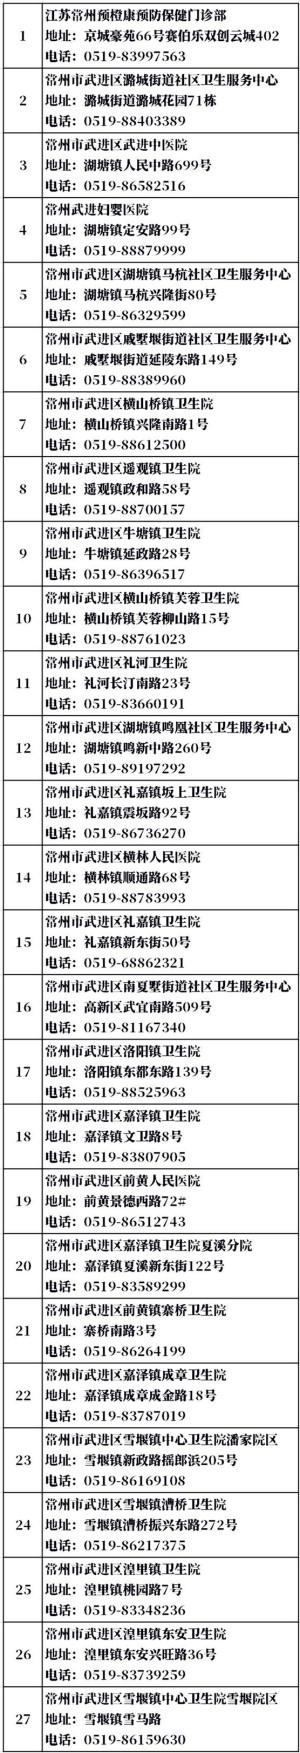 2019年常州武进区宫颈癌疫苗接种地址电话(持续更新)